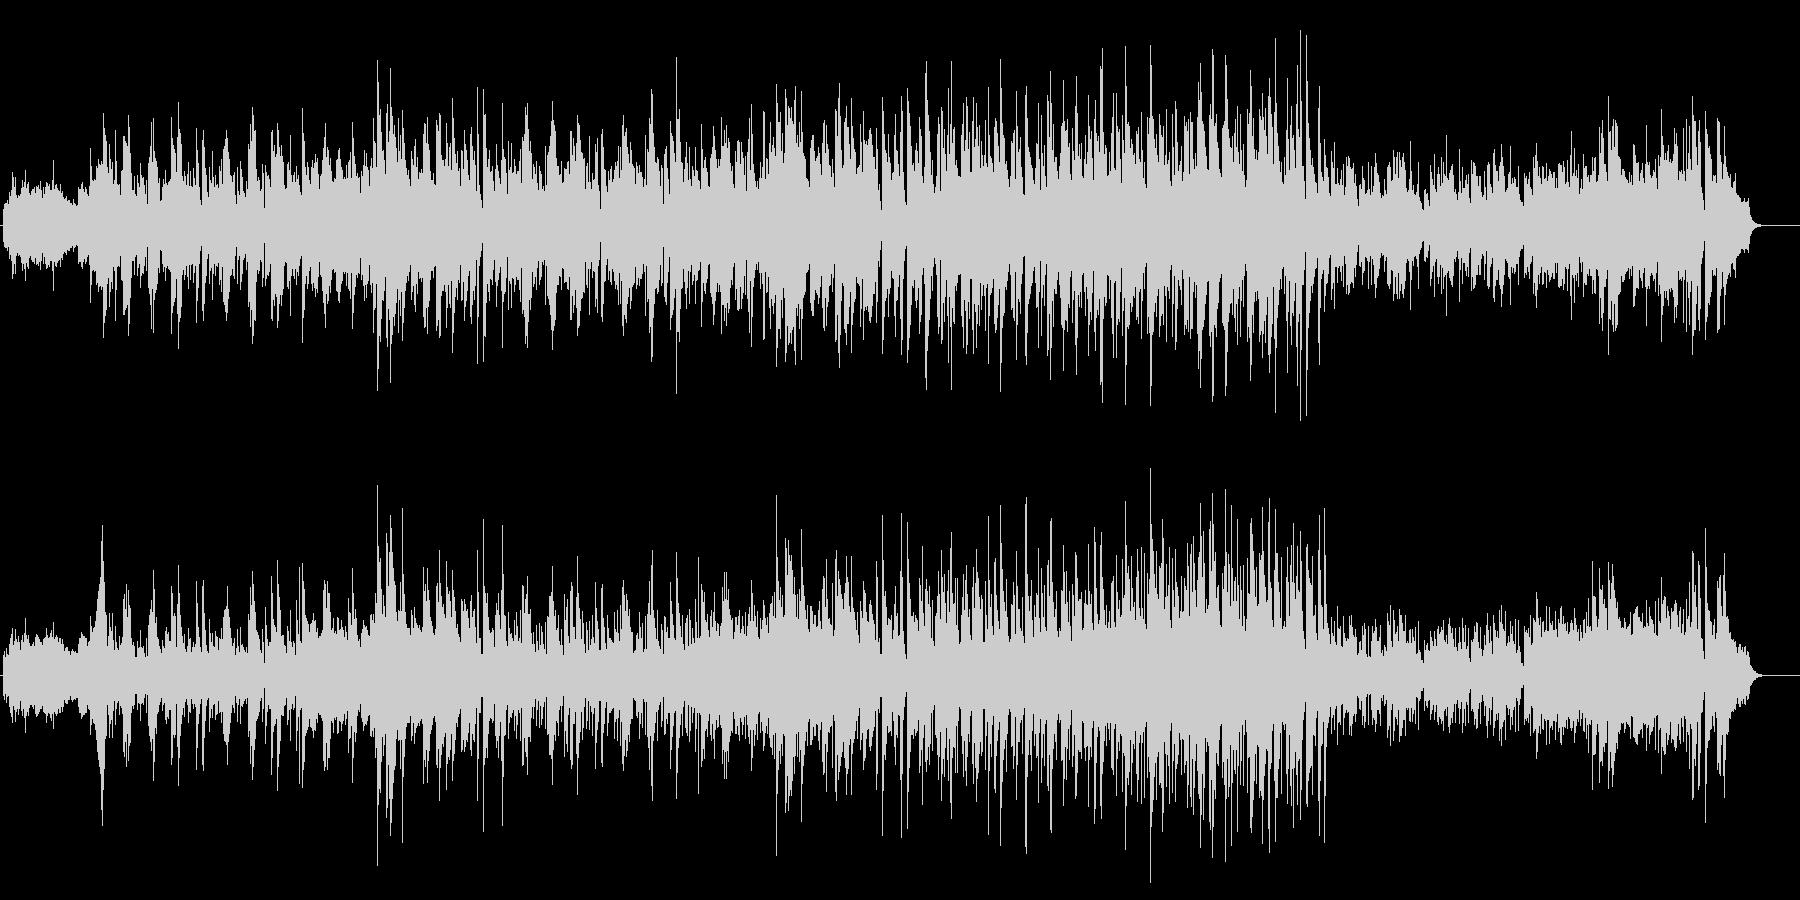 スモークやゴンドラでの登場を想定したBGの未再生の波形